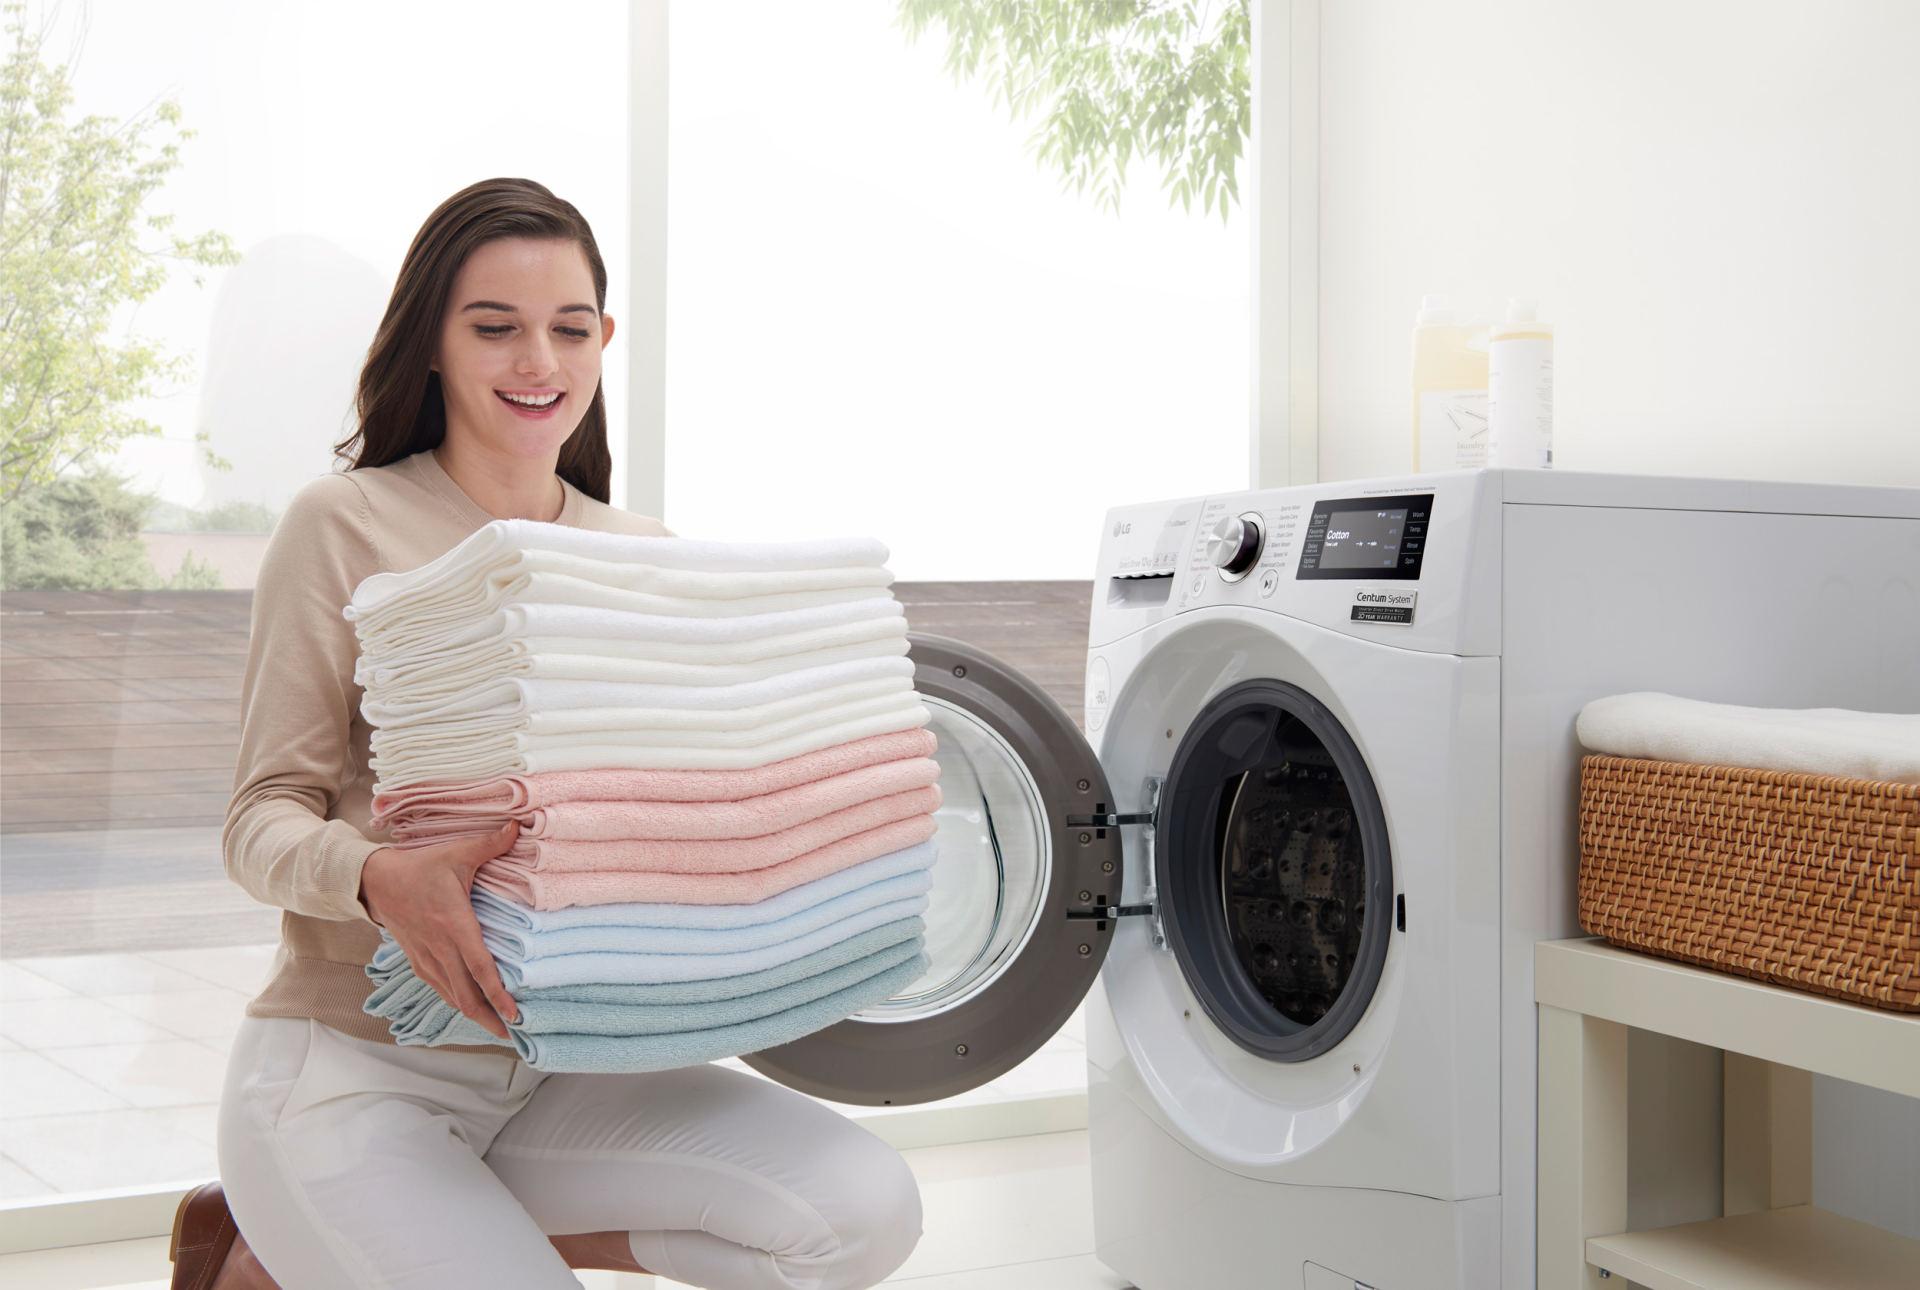 kaip išsirinkti skalbimo mašiną